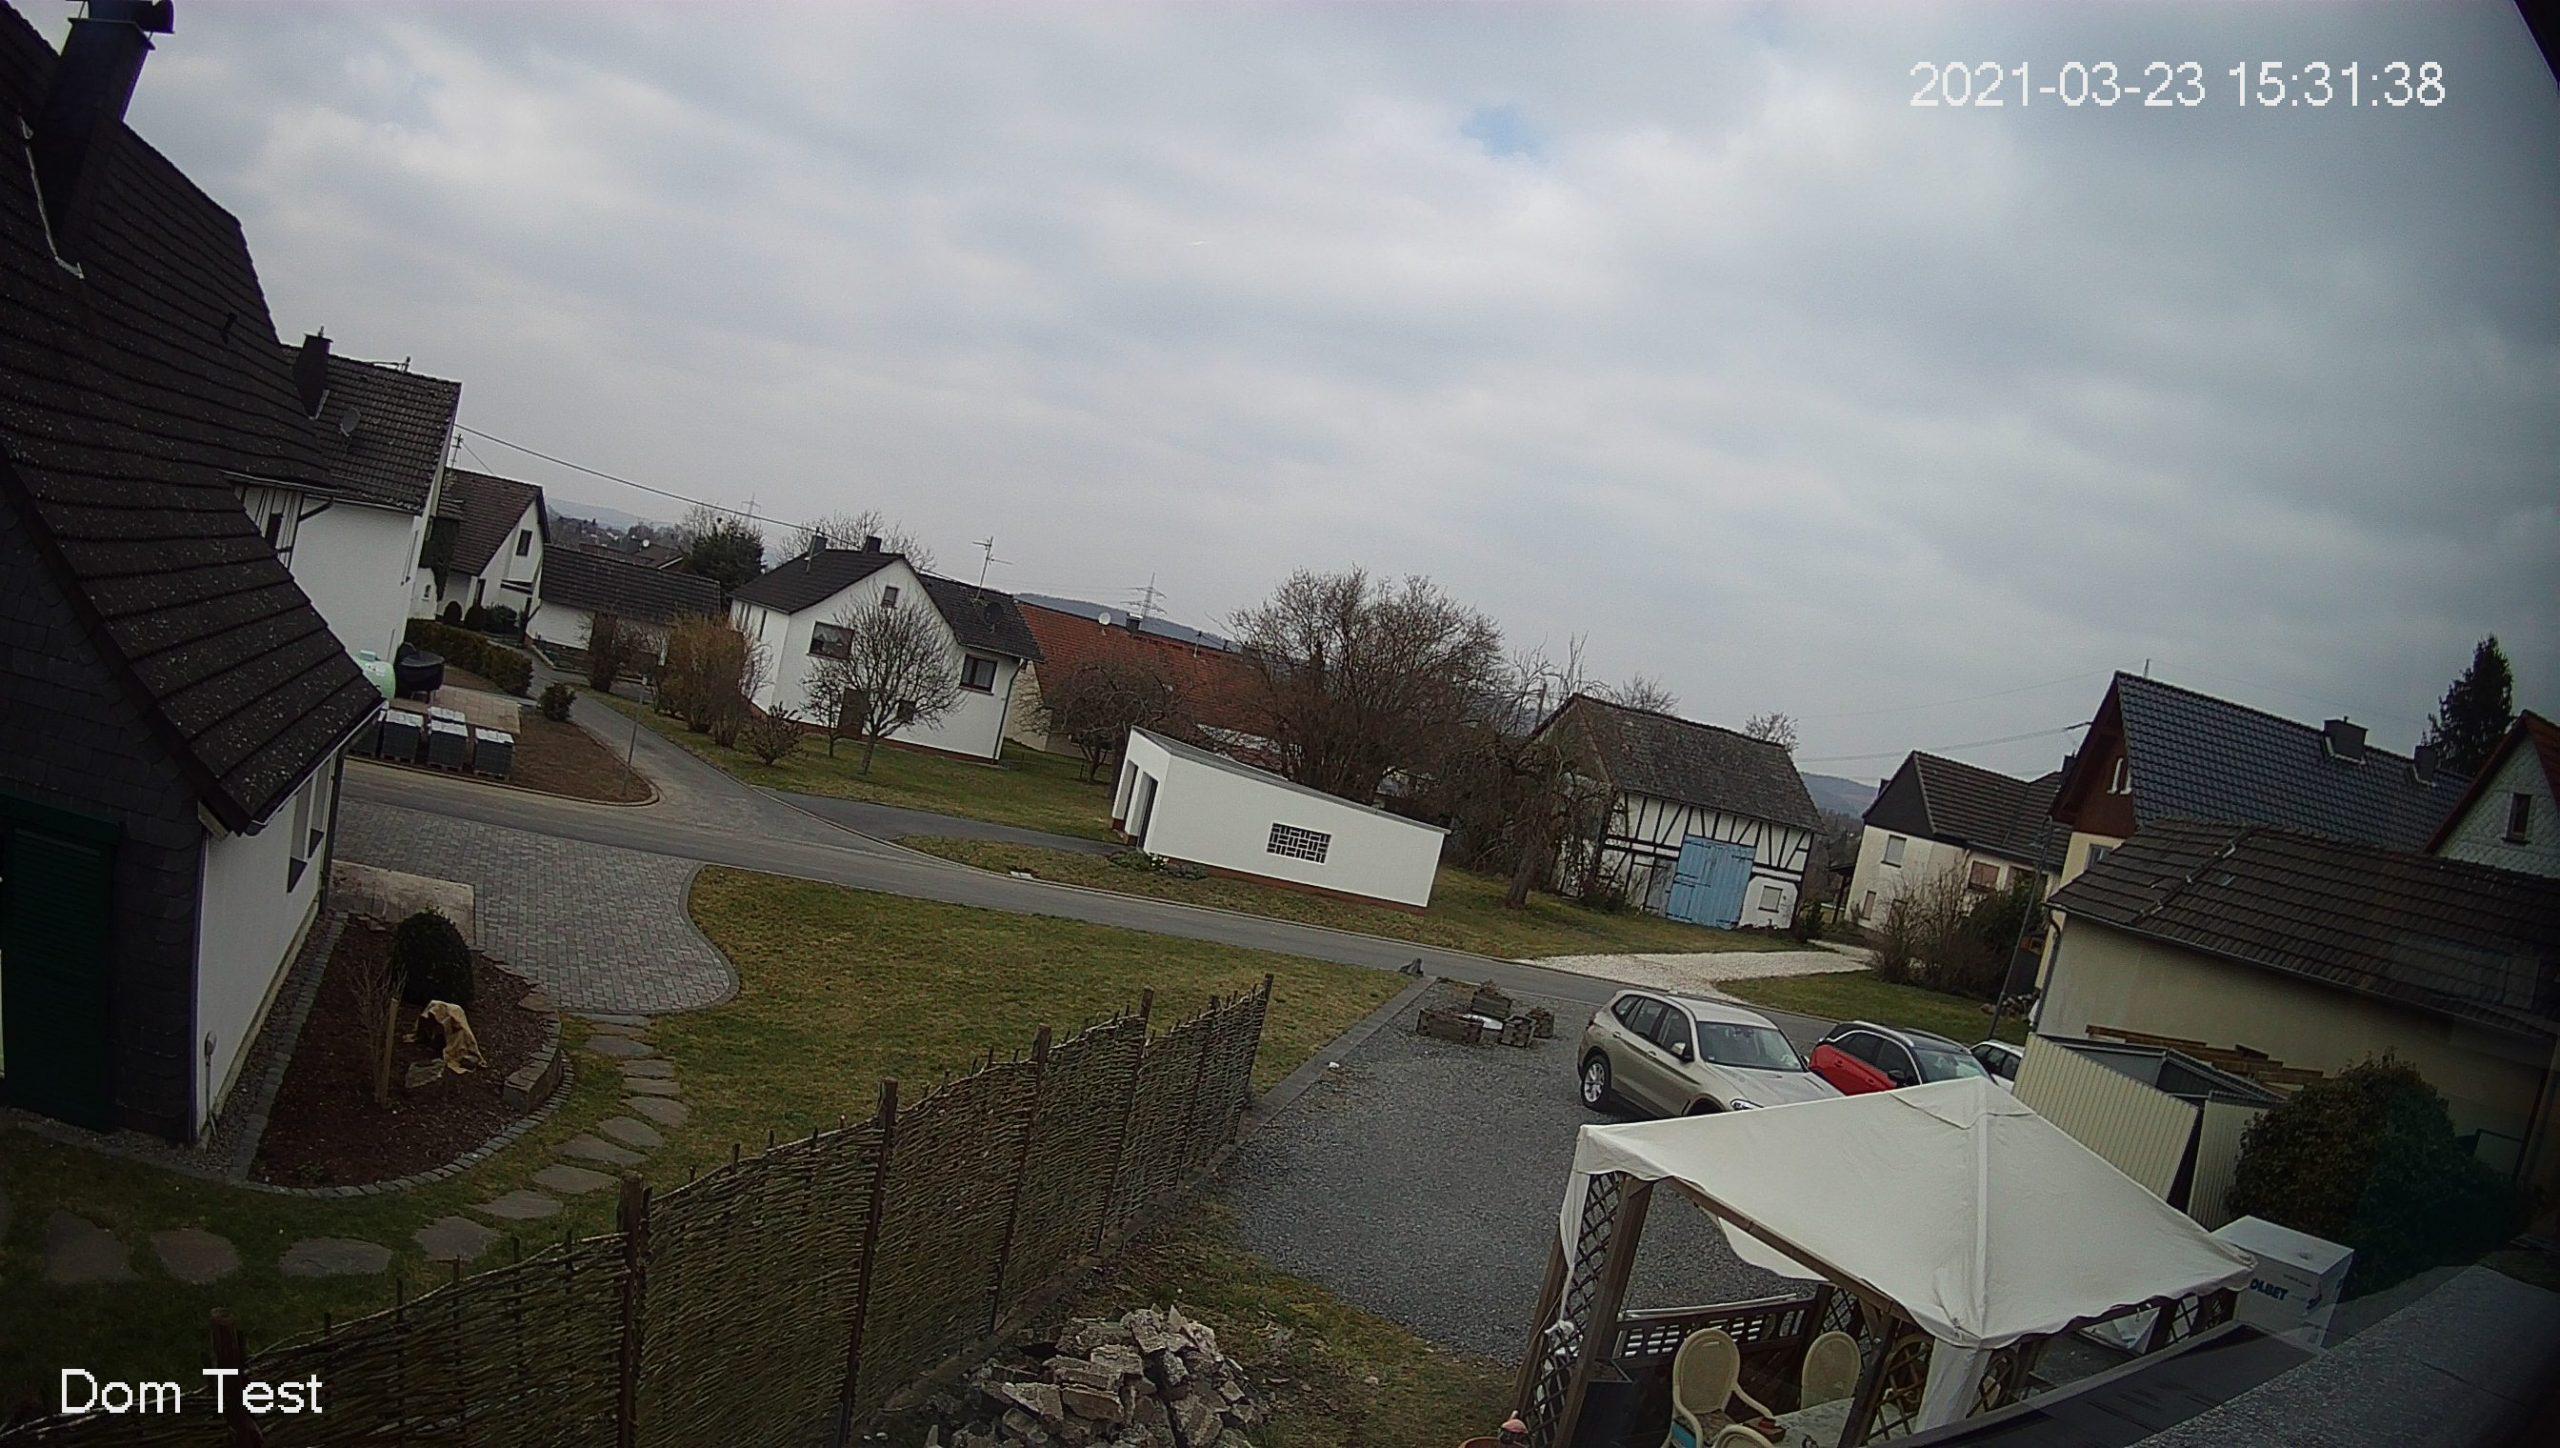 Essen-2021-03-23-15-12-00